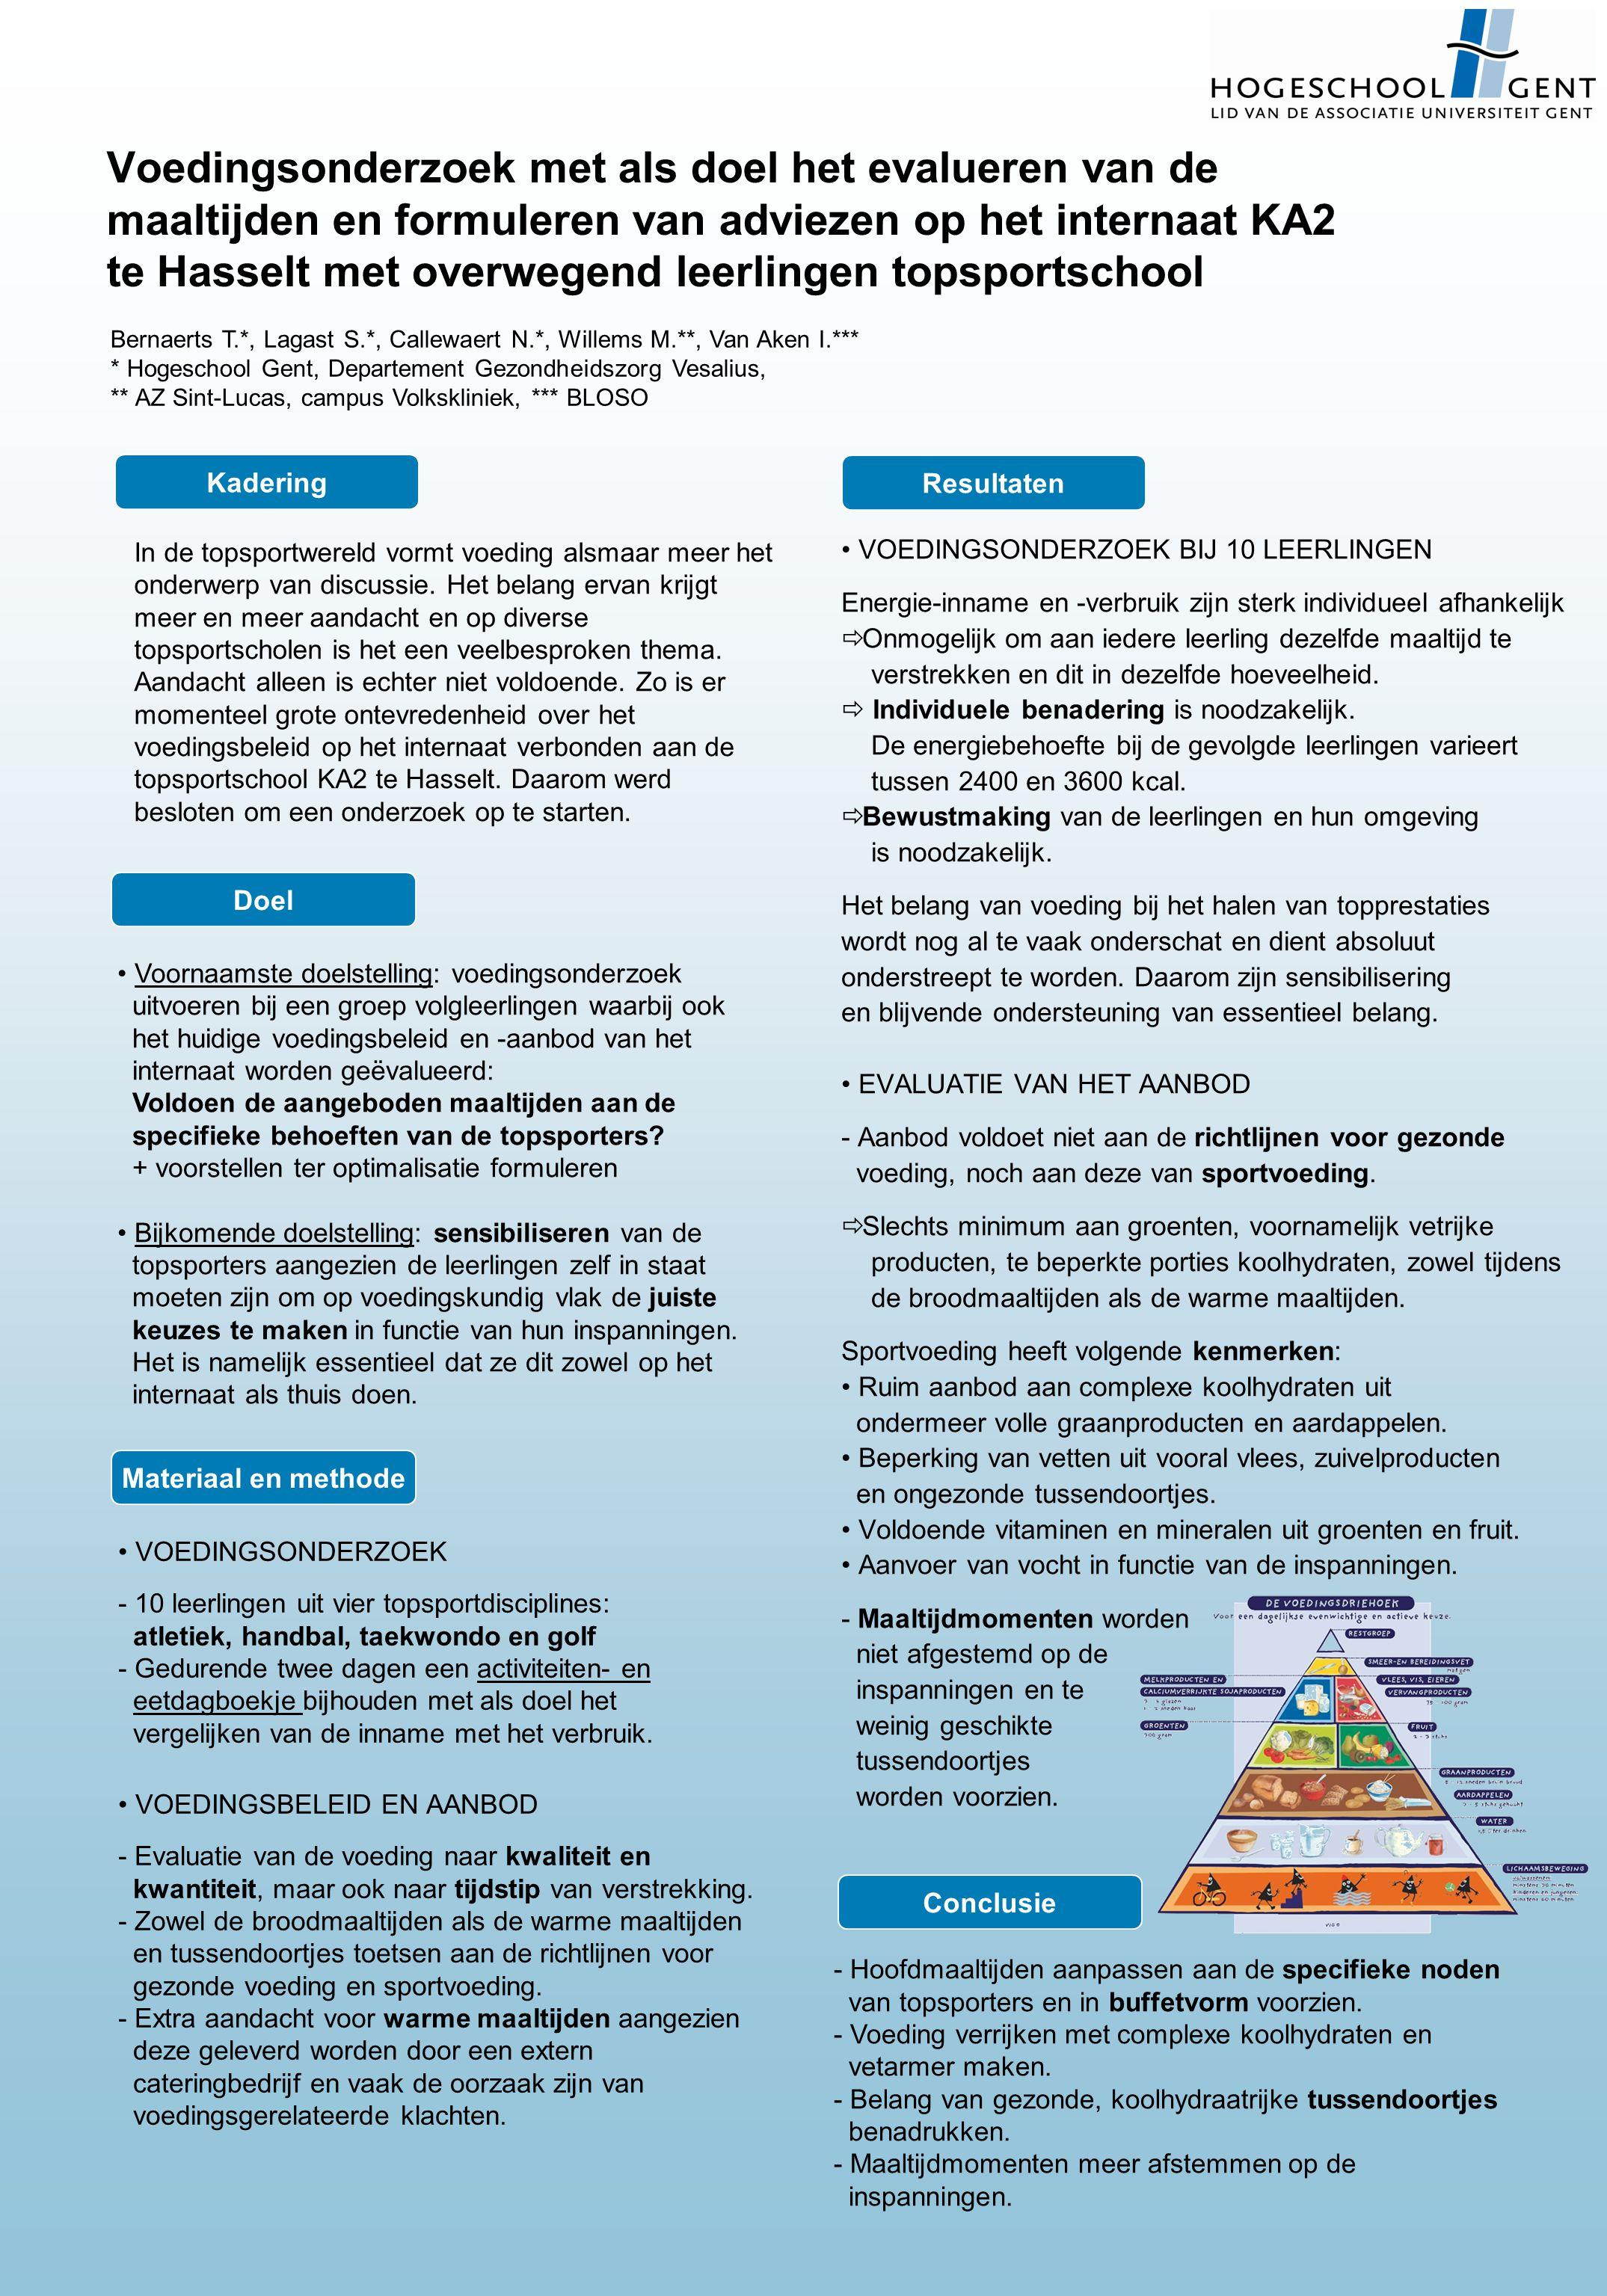 Voedingsonderzoek met als doel het evalueren van de maaltijden en formuleren van adviezen op het internaat KA2 te Hasselt met overwegend leerlingen to